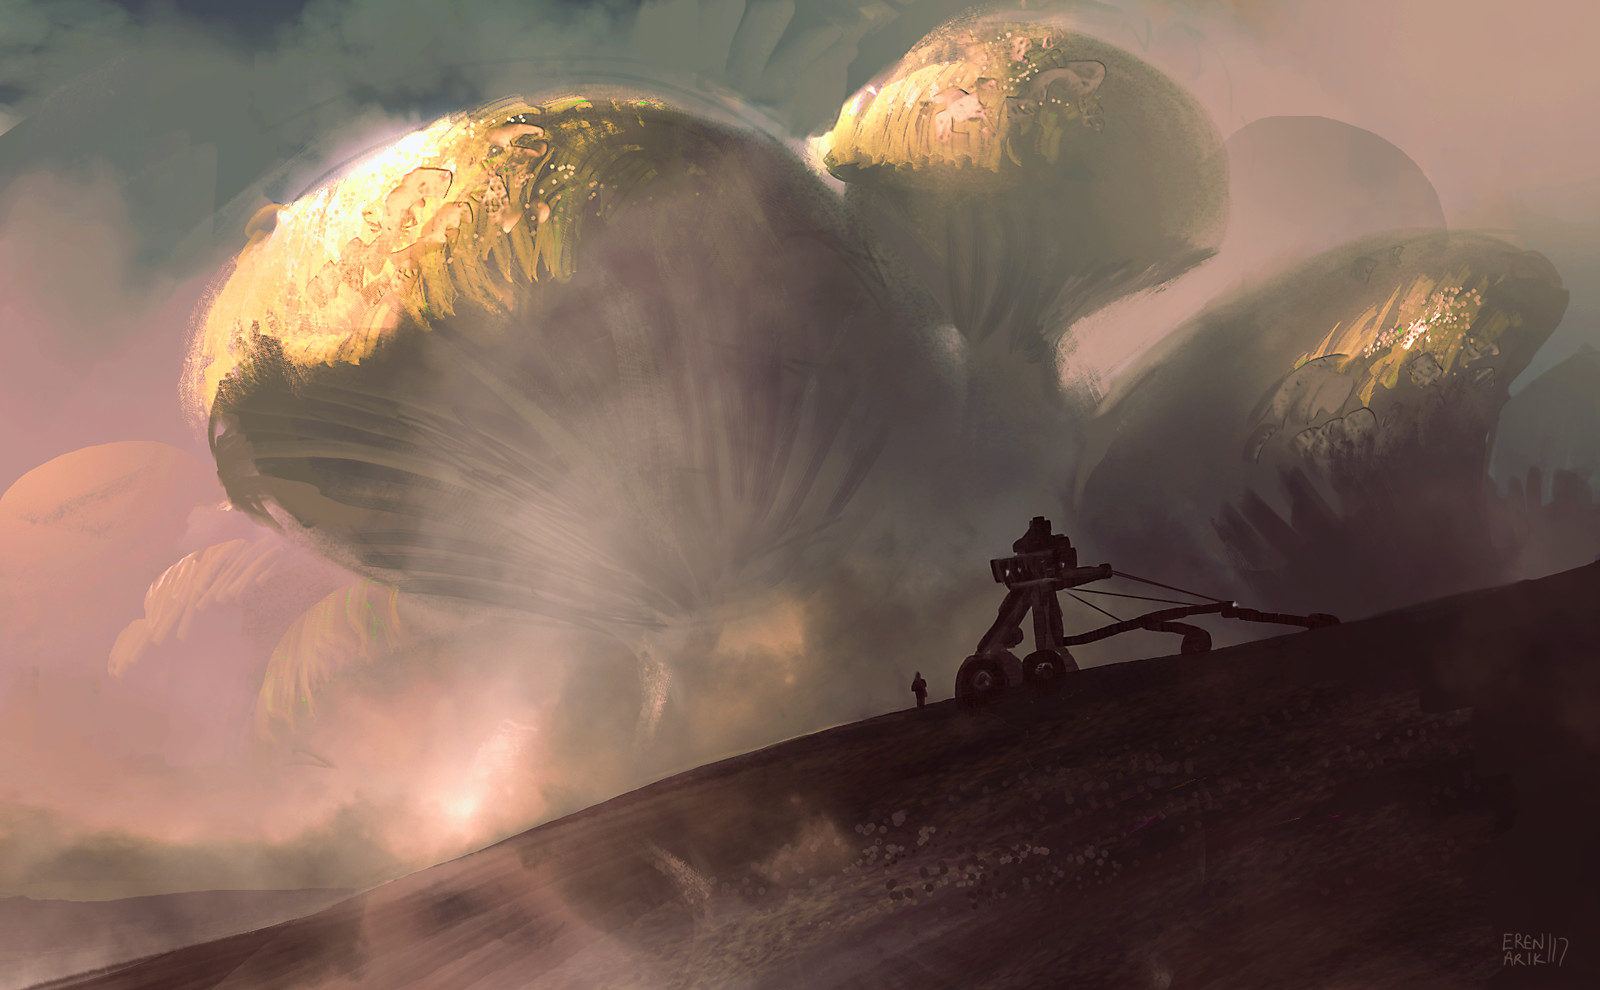 eren-arik-fungus.jpg